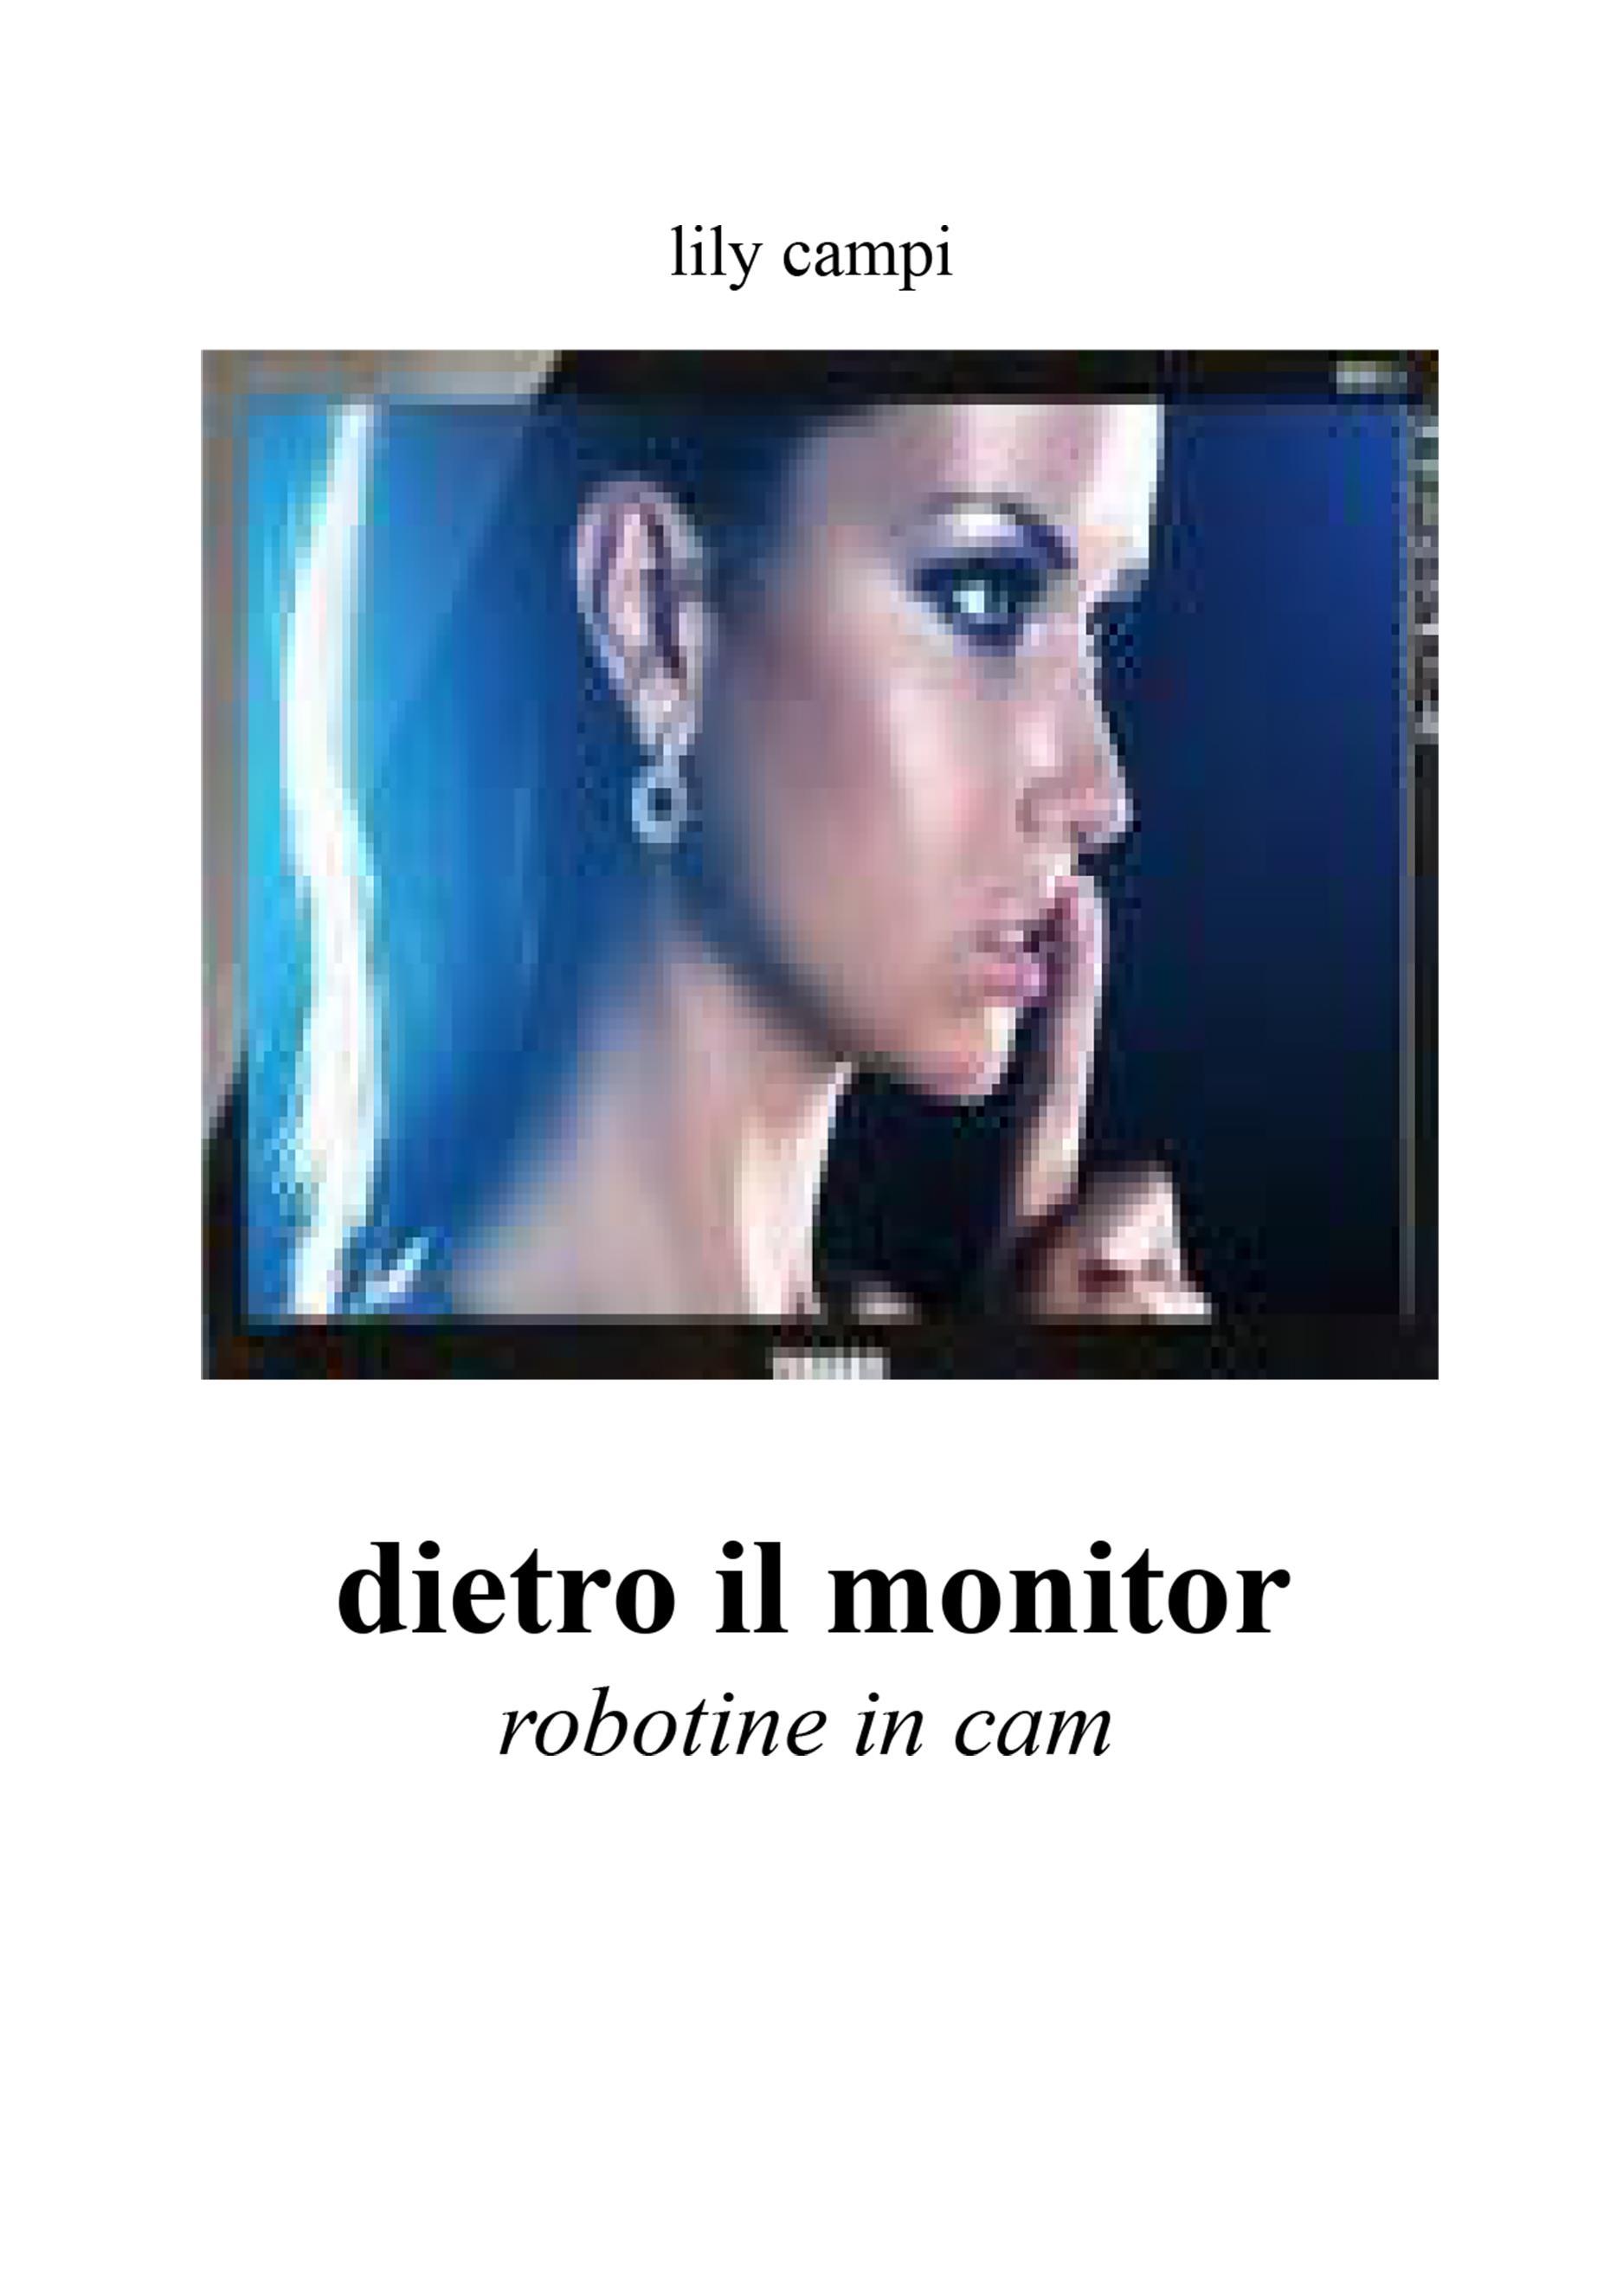 Dietro il monitor - Robotine in cam